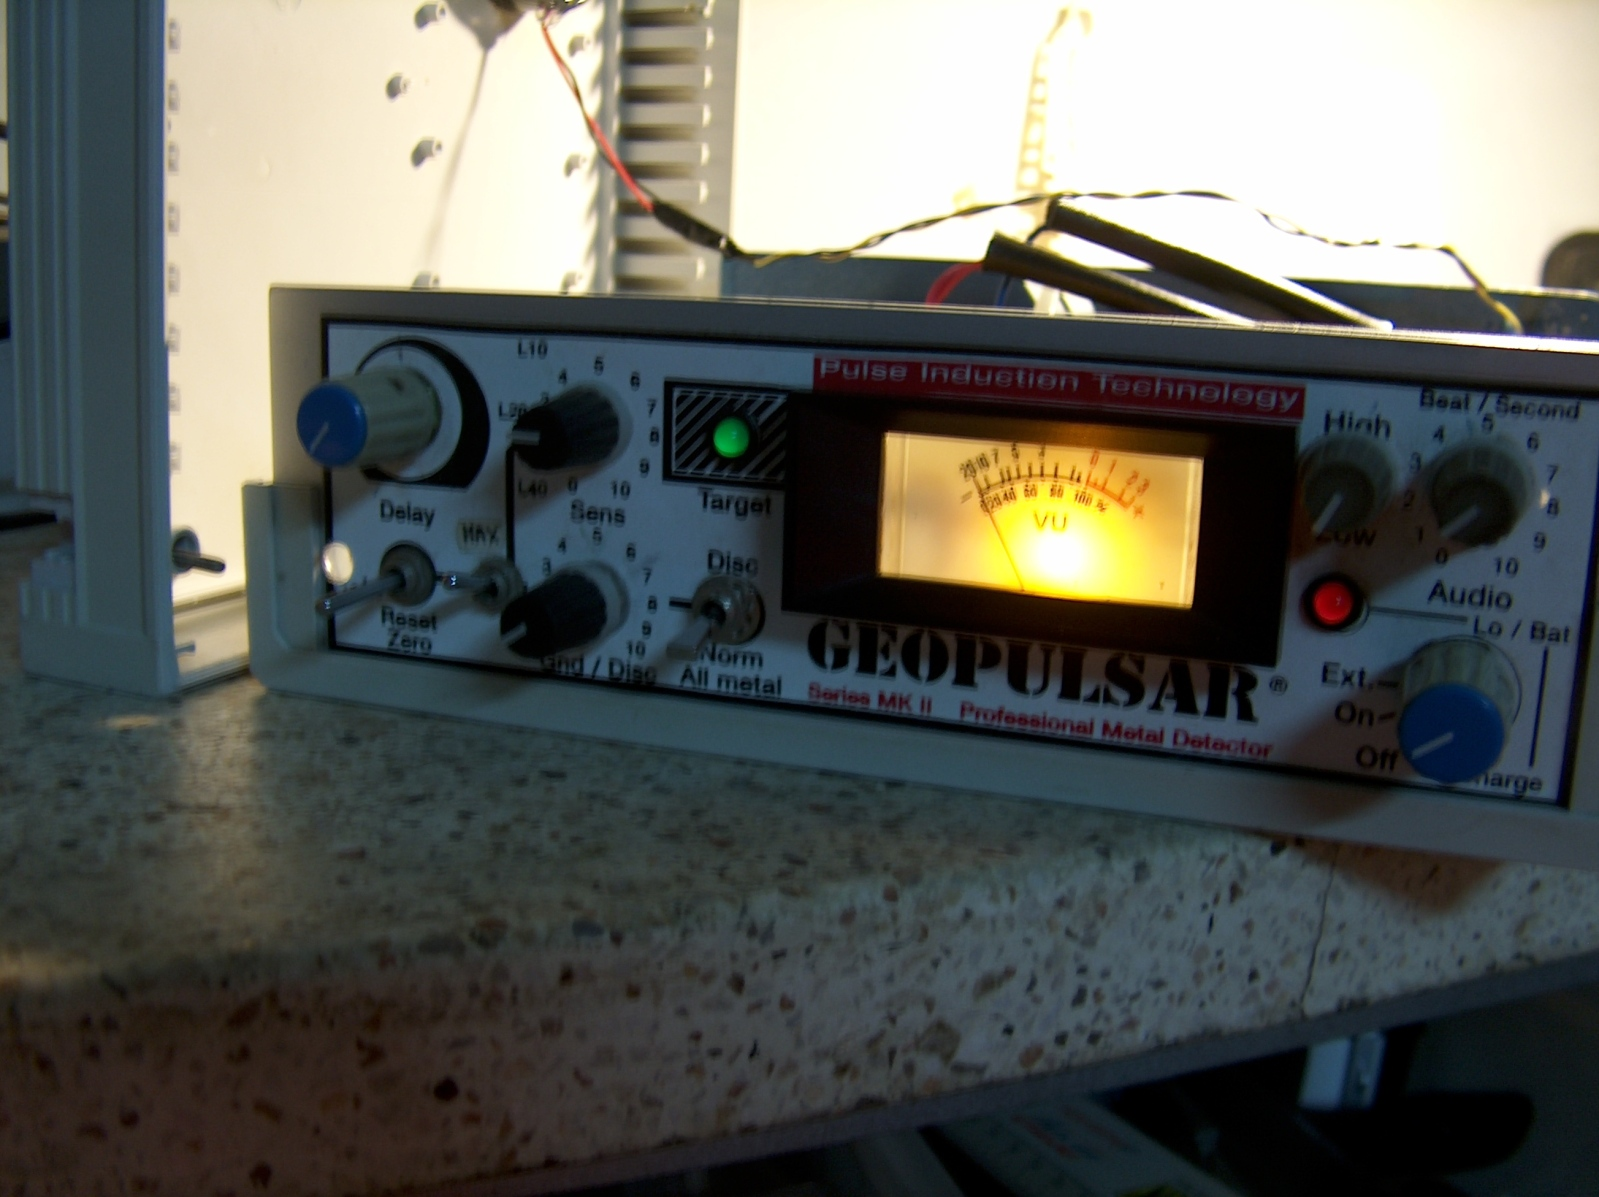 """Ayuda con este detector """" GEOPULSAR """" Series MK II 2eed27r"""